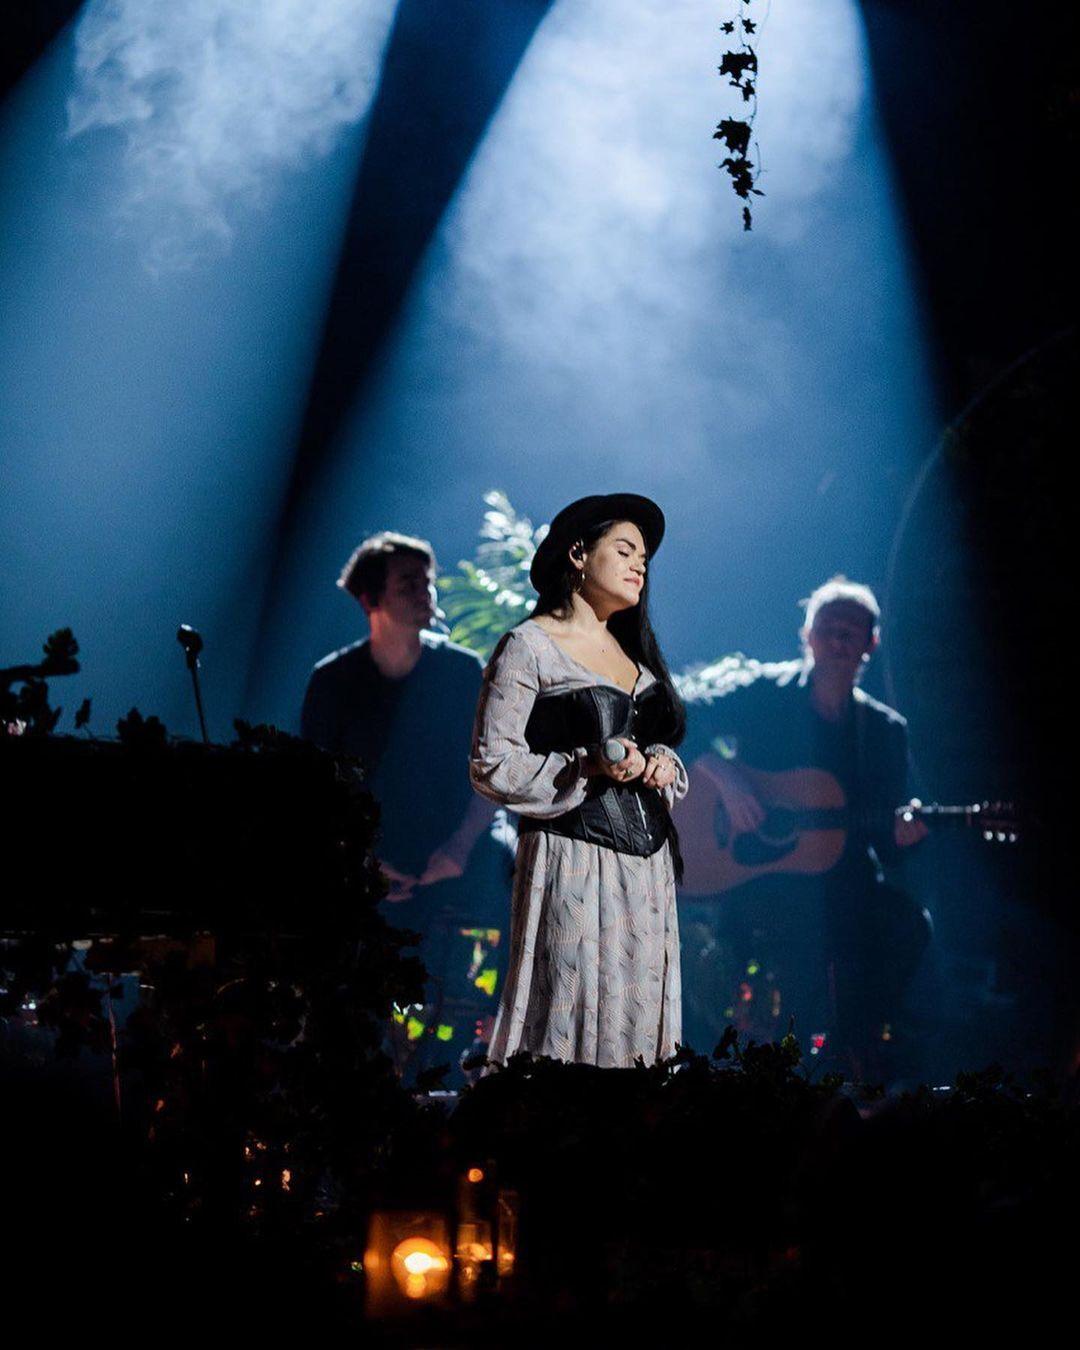 Після шоу Мусієнко всерйоз почала замислюватися про життя і про роботу музиканта